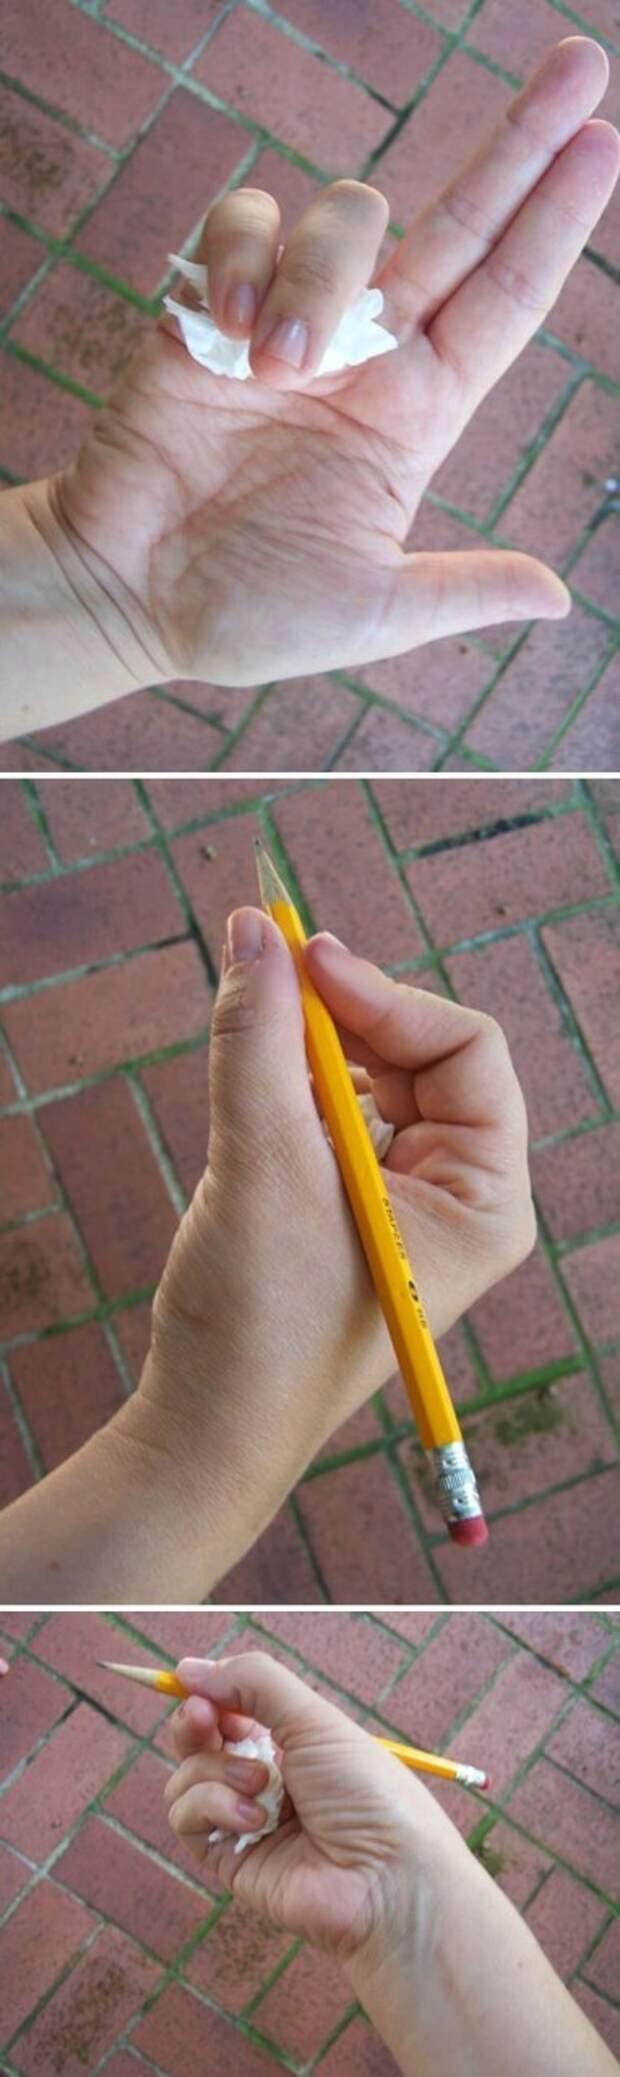 18. «Обычный бумажный платочек поможет научить ребёнка правильно держать карандаш» Хитрость, дети, идея, полезно, родители, совет, фантазия